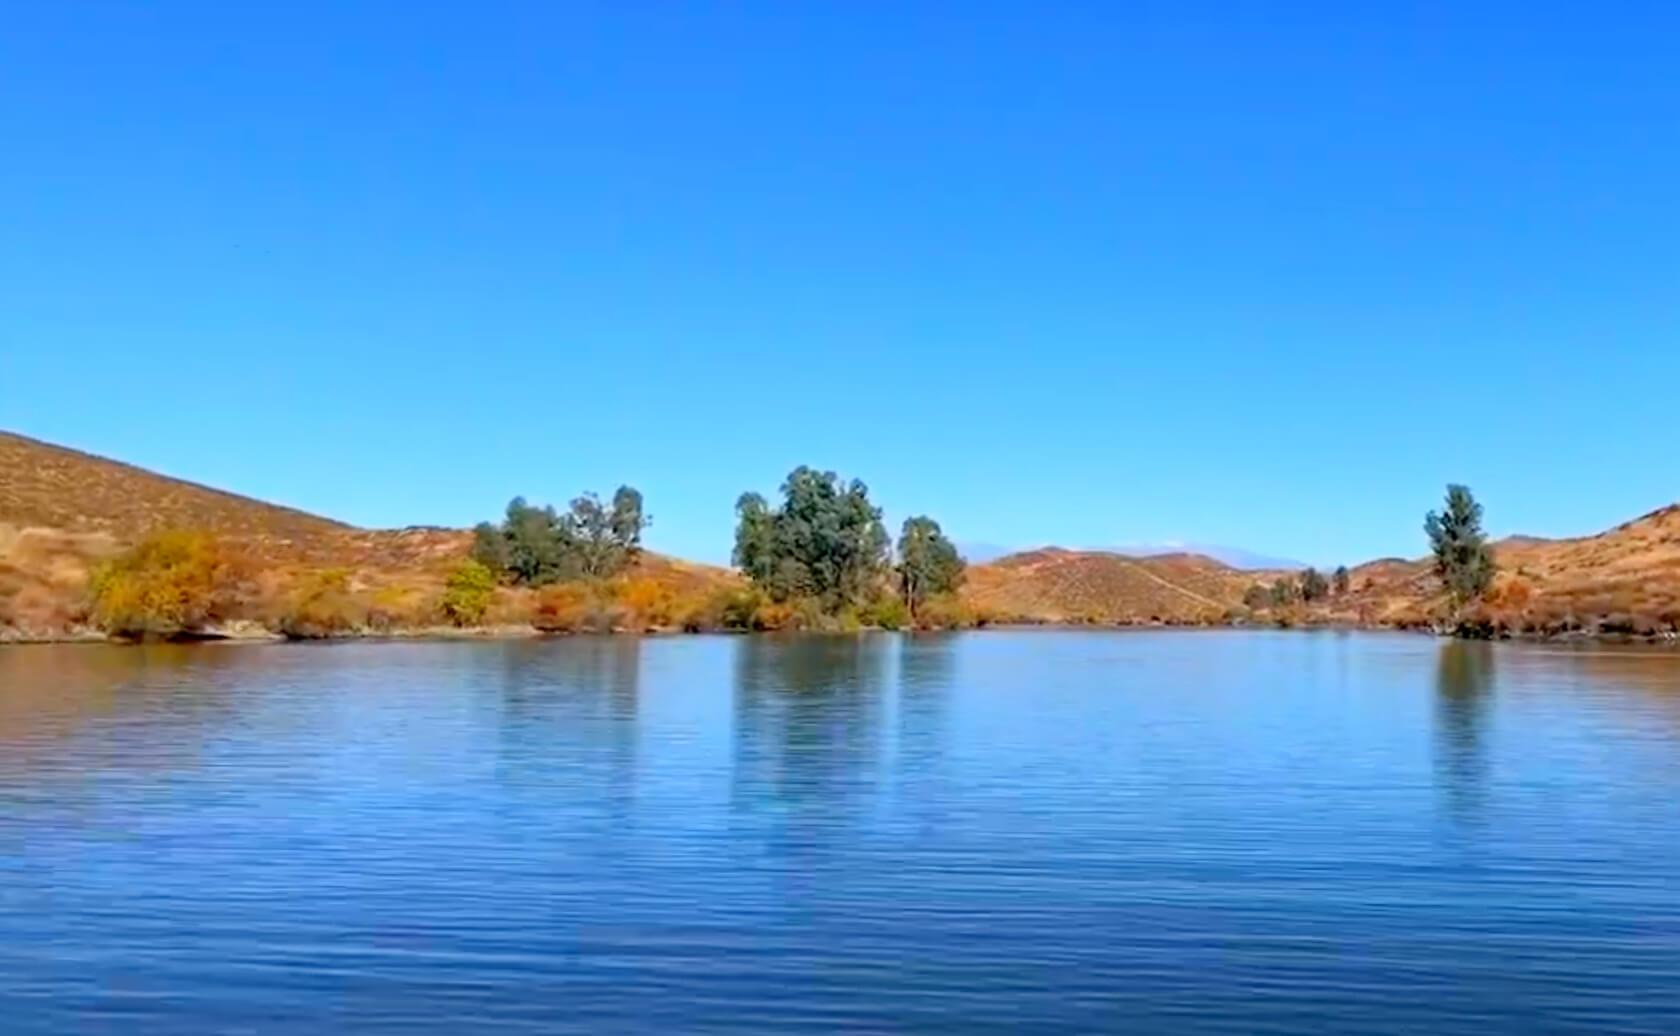 Canyon-Lake-Fishing-Guide-Report-California-92587-06